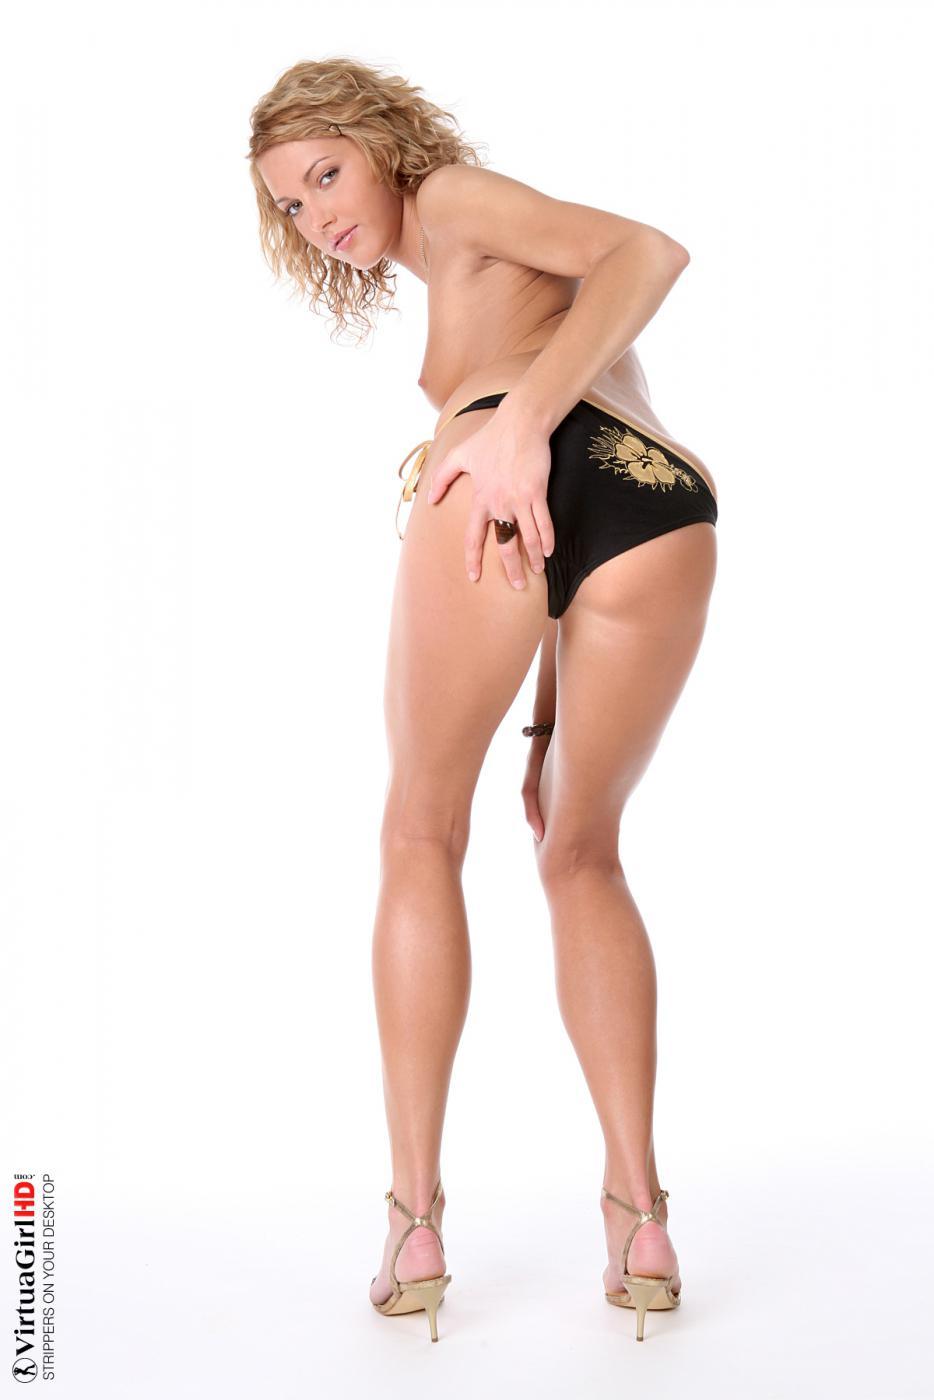 Блондинка Jody Nubiles сняла сексуальный наряд и позирует голой